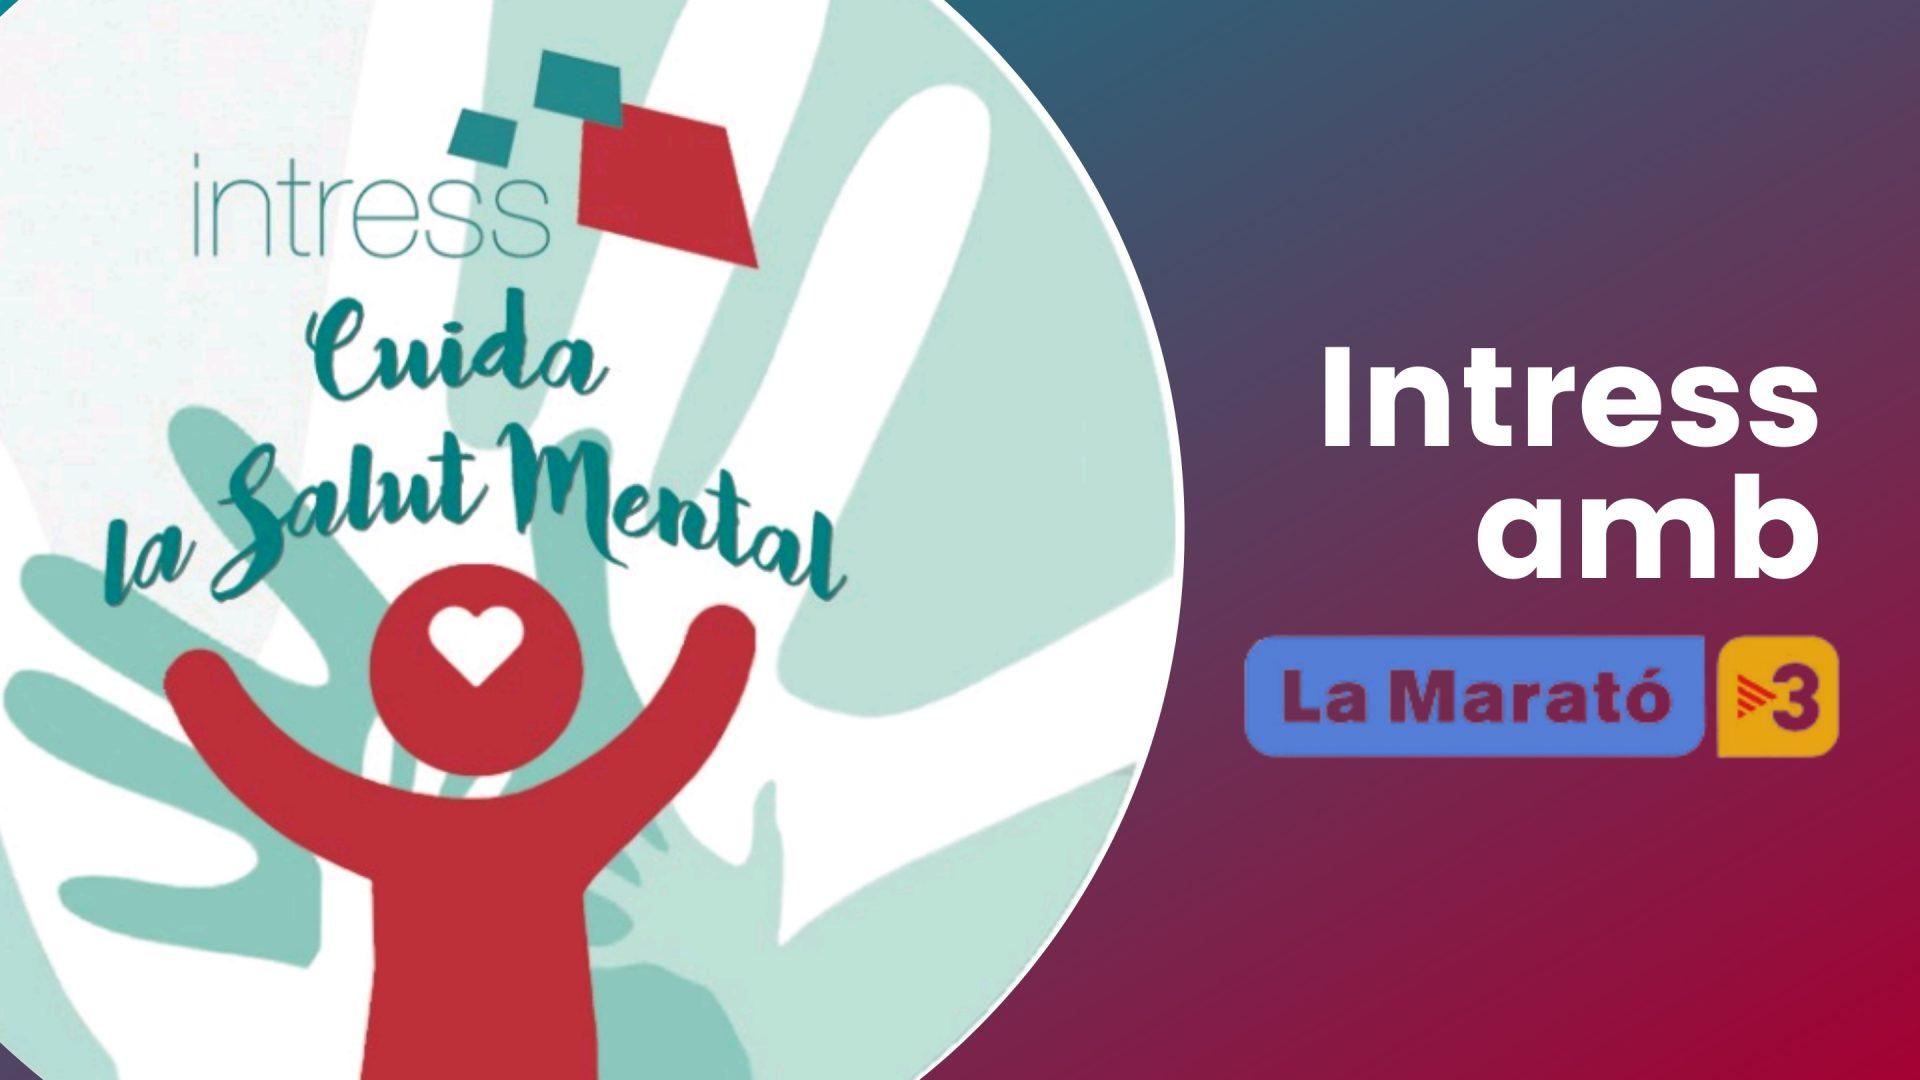 salud mental intress ZN